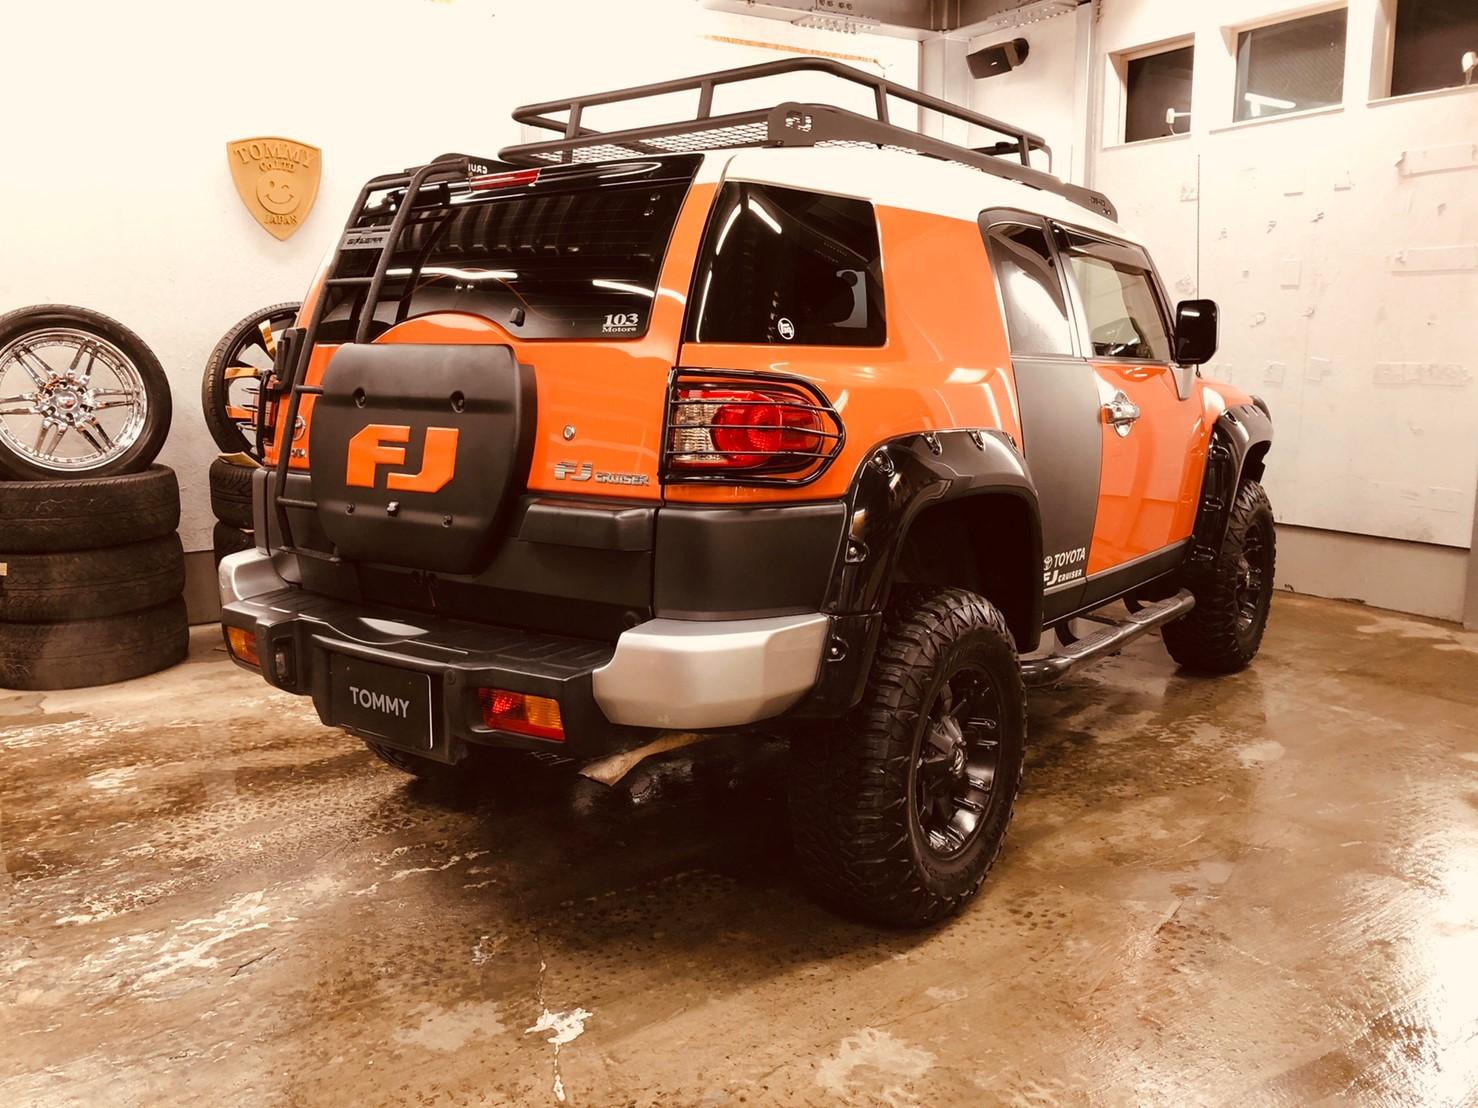 2/14(金)本店ブログ ハイエース5ドアバン3.0DT スーパーGLロング 4WD あります!! ランクル ハイエース ハマーならTOMMY_b0127002_19522594.jpg